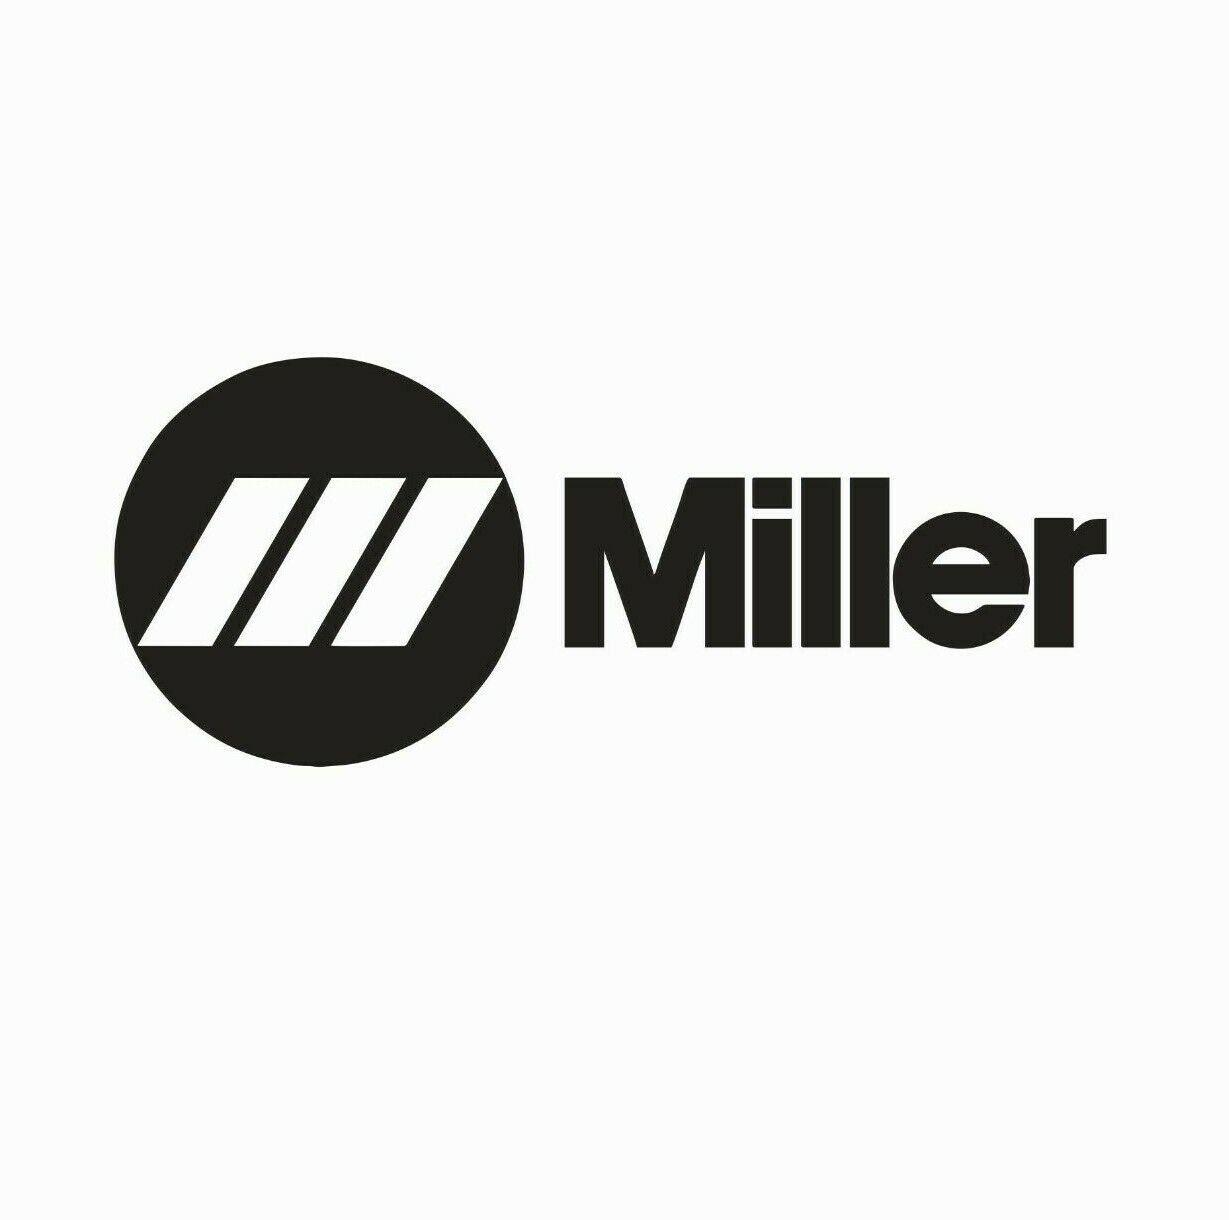 Miller Welder Welding Vinyl Die Cut Car Decal Sticker-FREE S